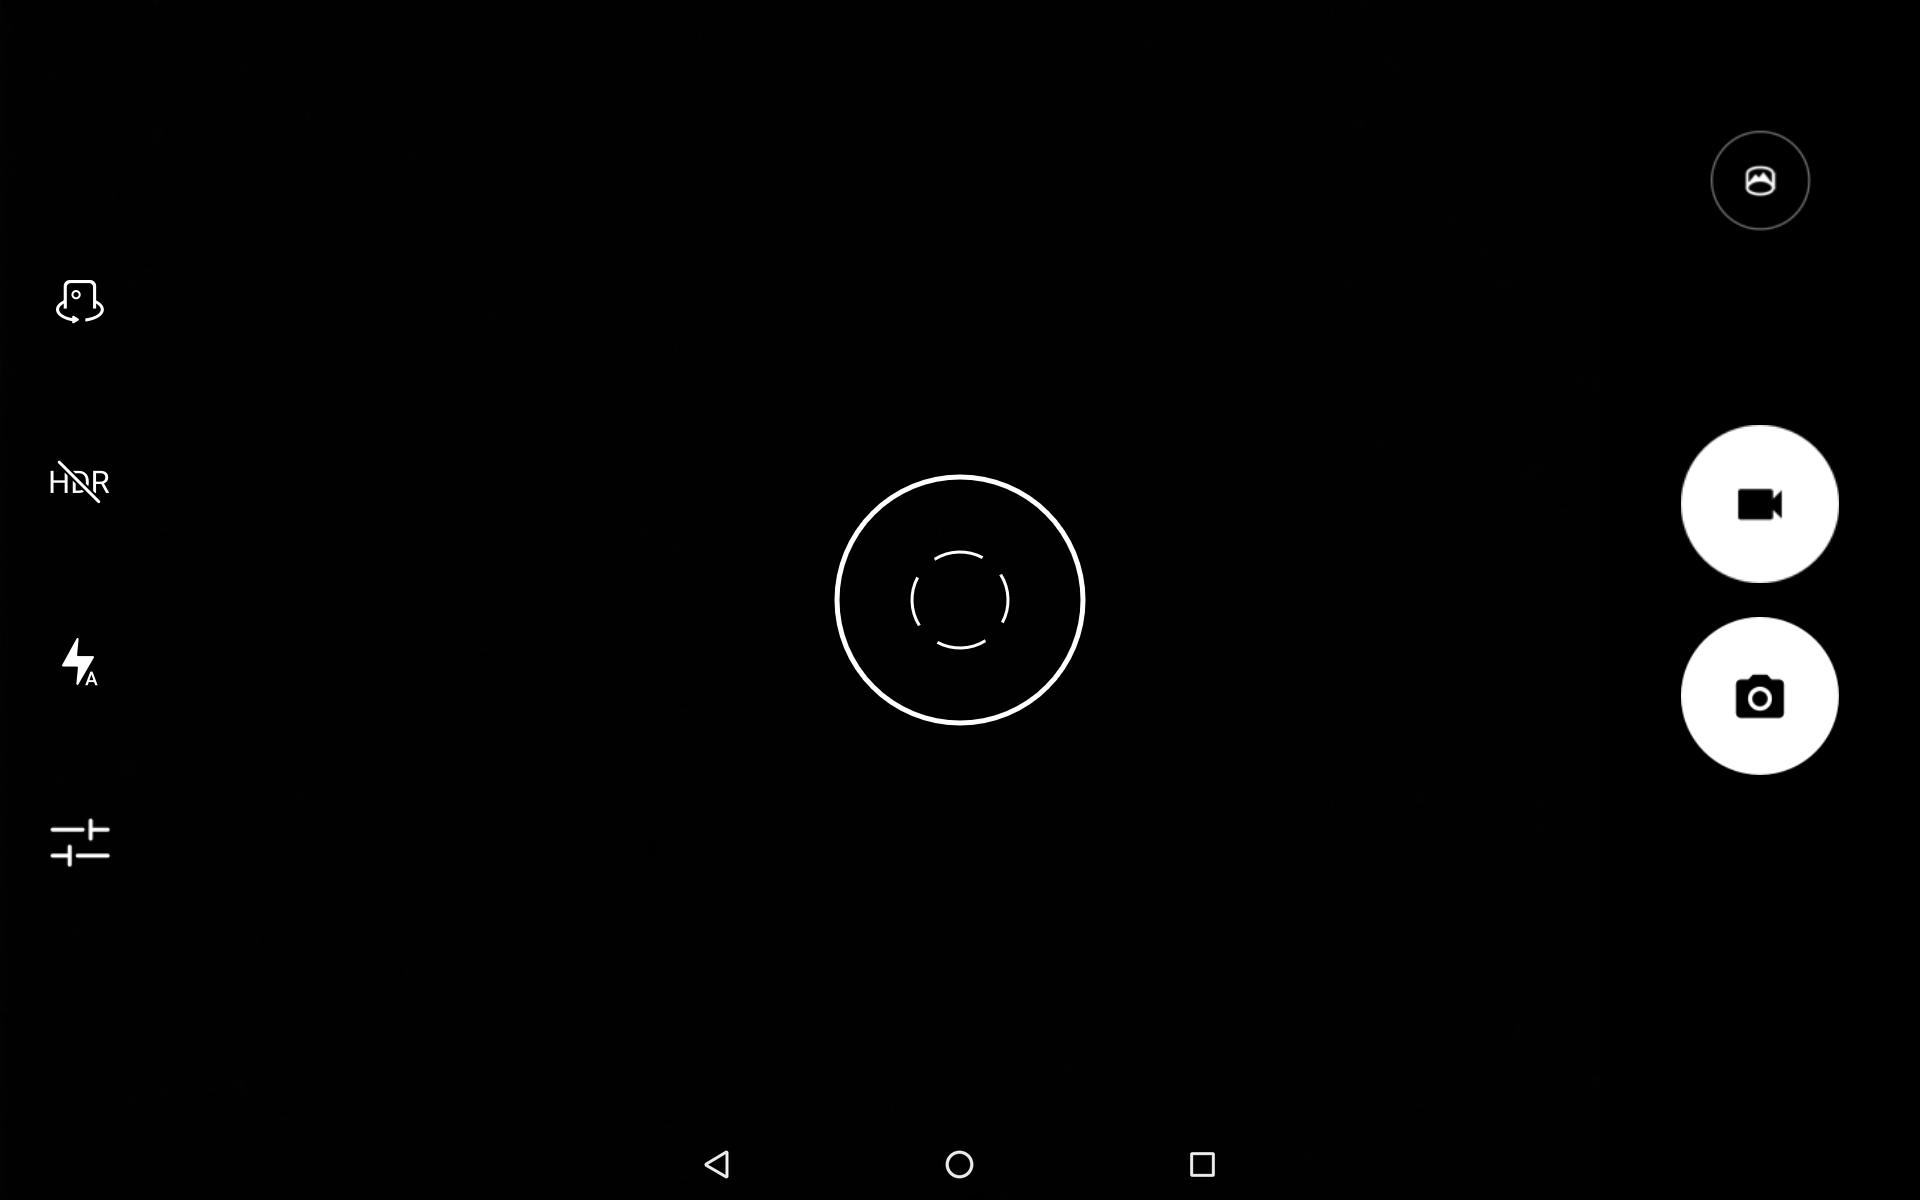 カメラ/撮影画面